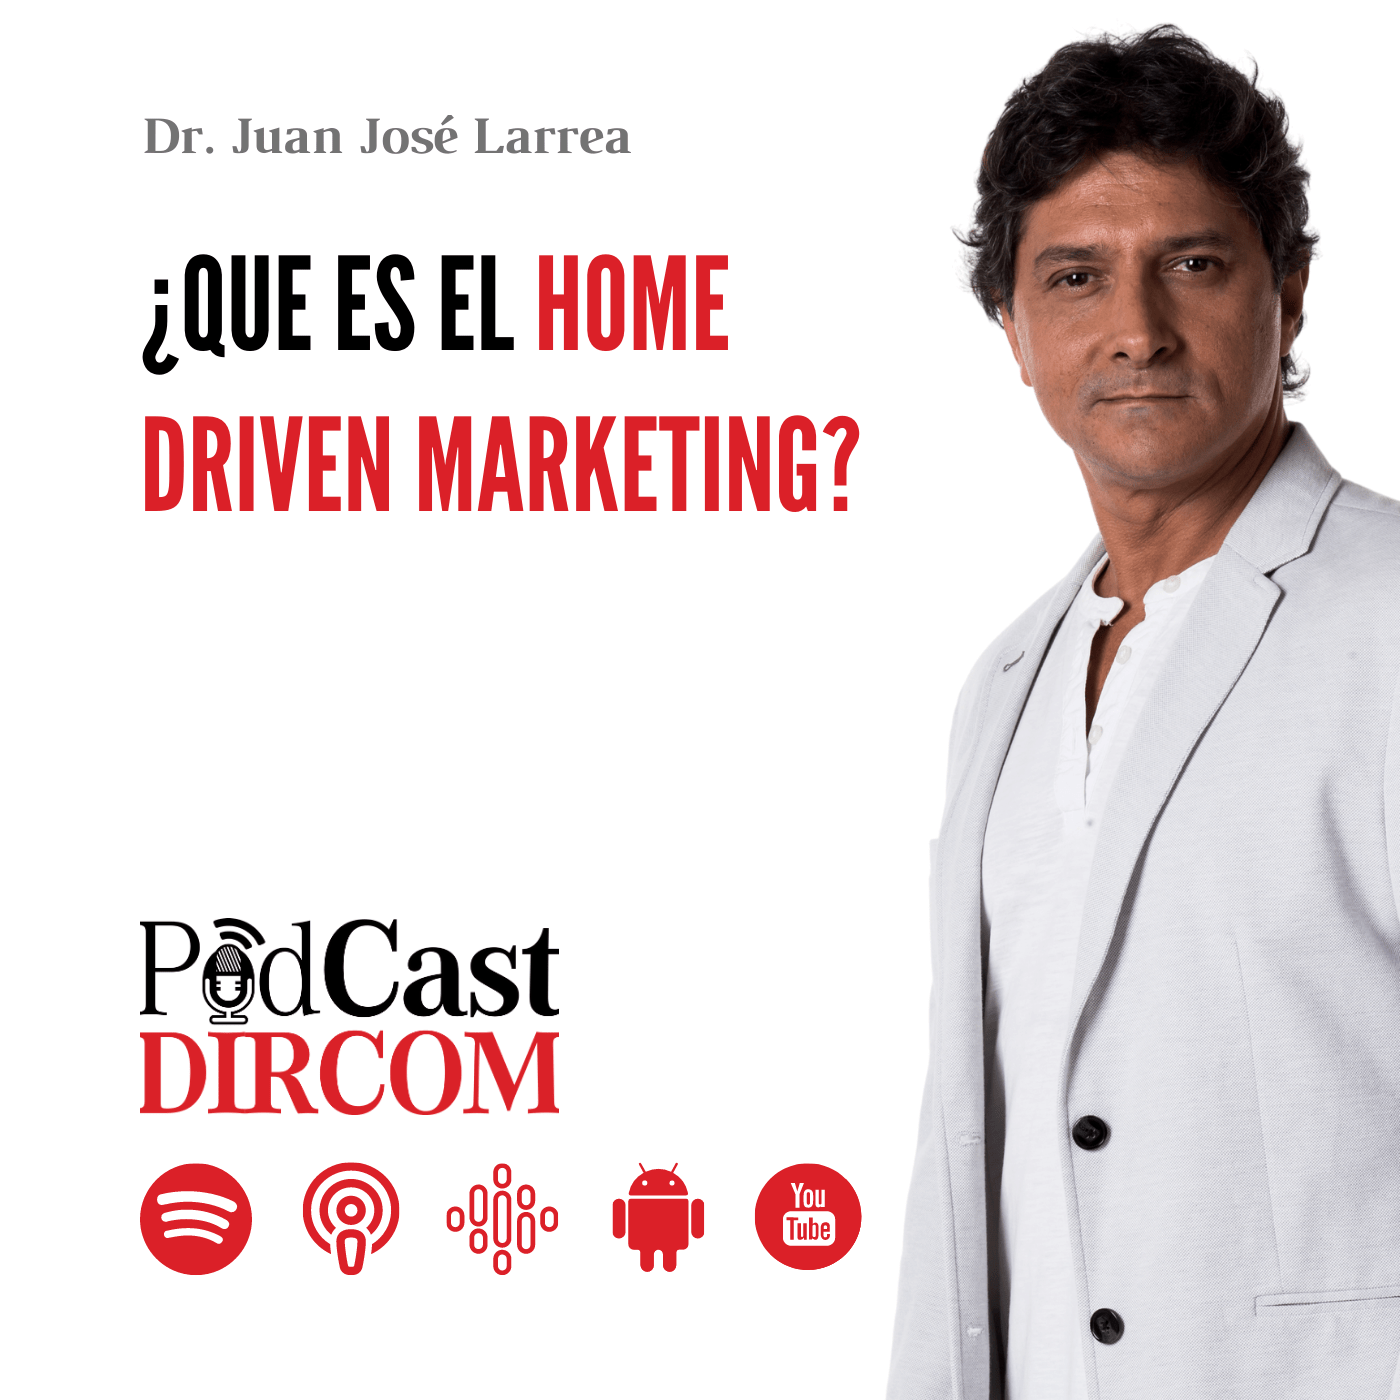 Que Es El Home Driven Marketing